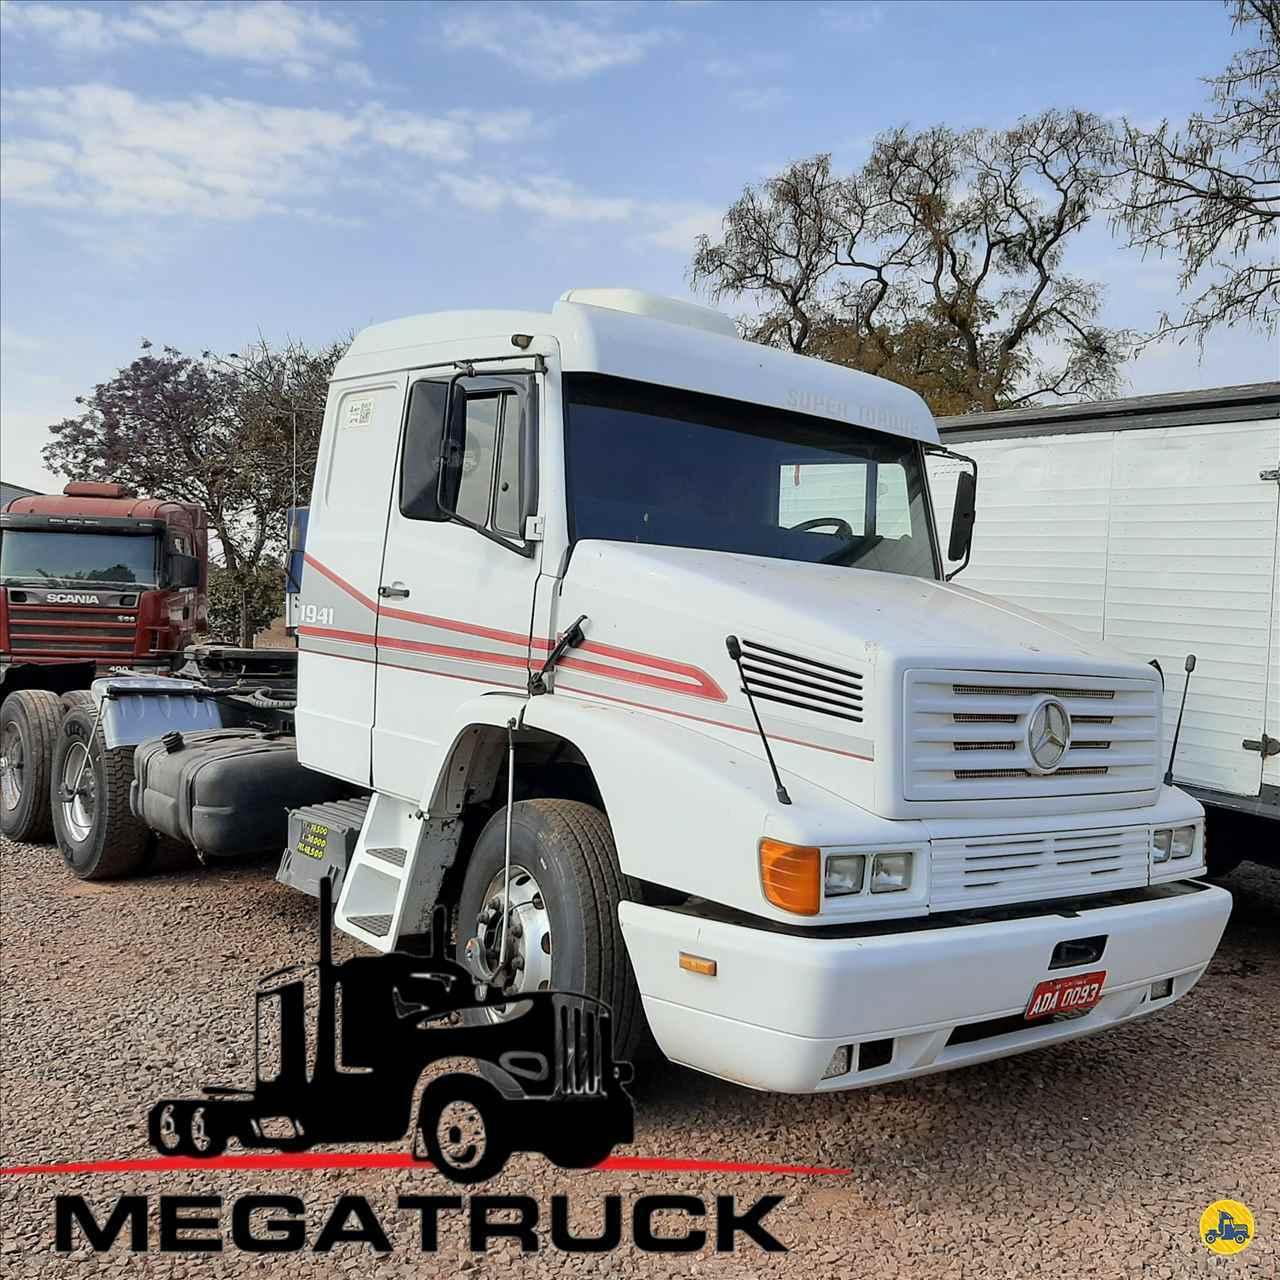 CAMINHAO MERCEDES-BENZ MB 1941 Cavalo Mecânico Truck 6x2 Megatruck Caminhões e Máquinas CAMPO GRANDE MATO GROSSO DO SUL MS